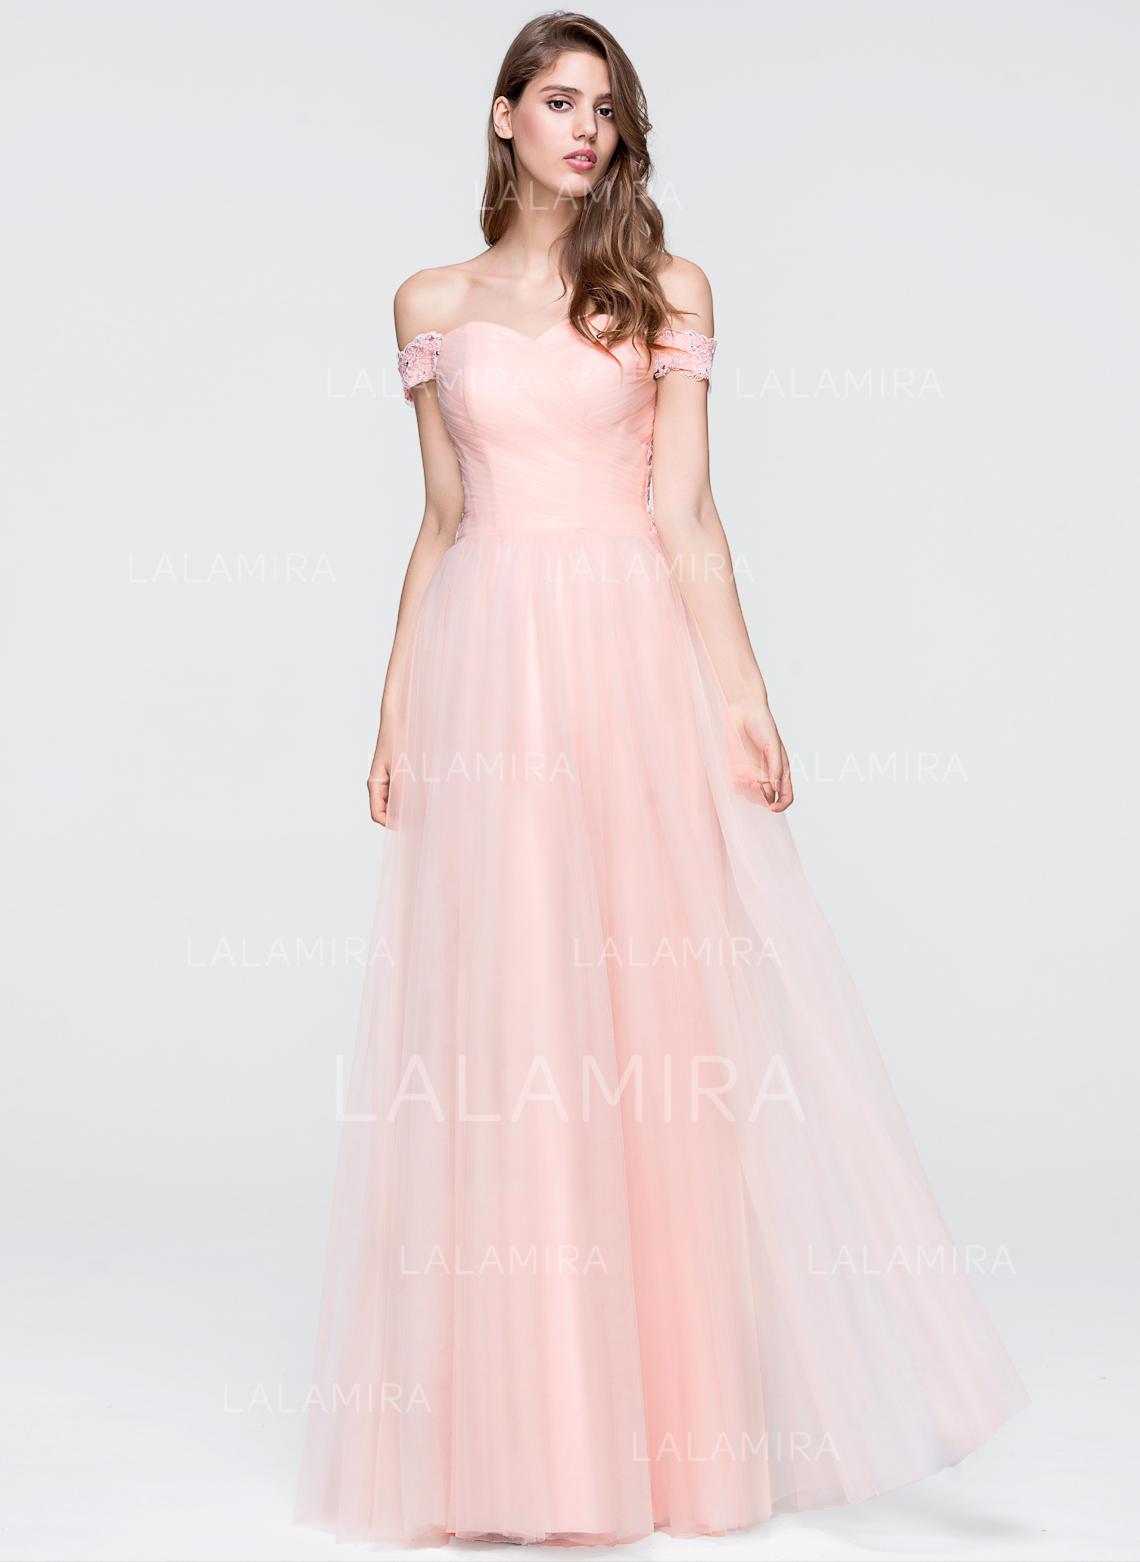 4cdeae620 Vestidos princesa/ Formato A Vestidos de baile Glamorouso Longos  Off-the-ombro Sem. Loading zoom. Carregando